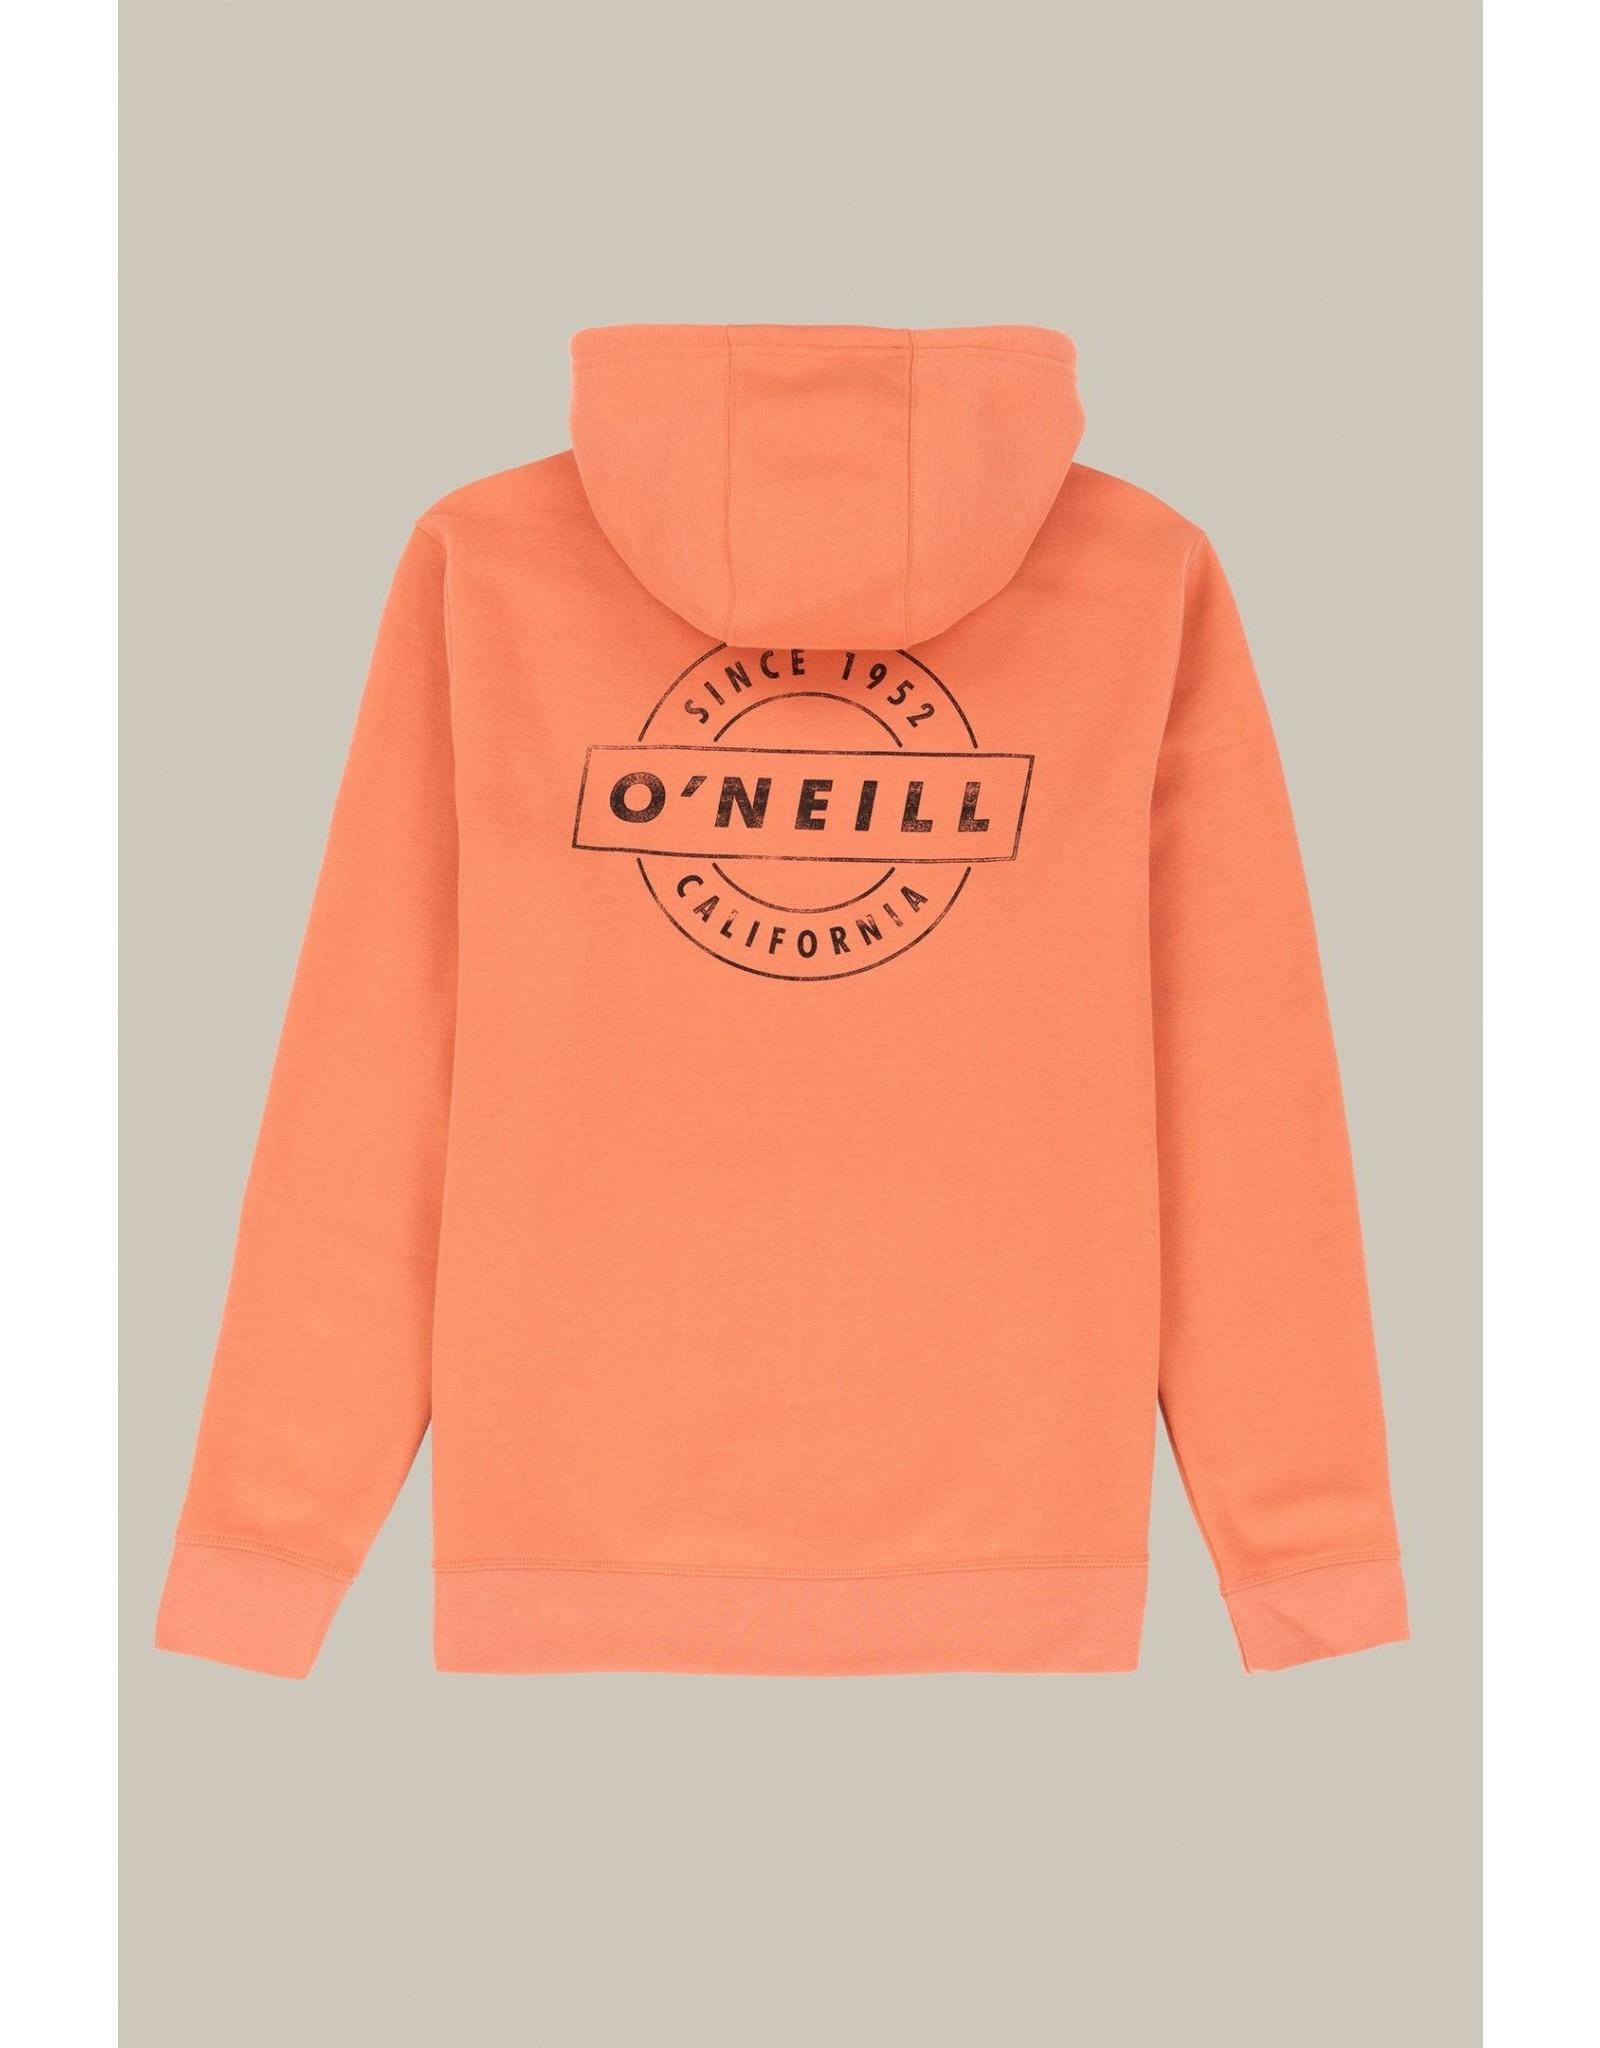 O'NEILL Popper Pullover